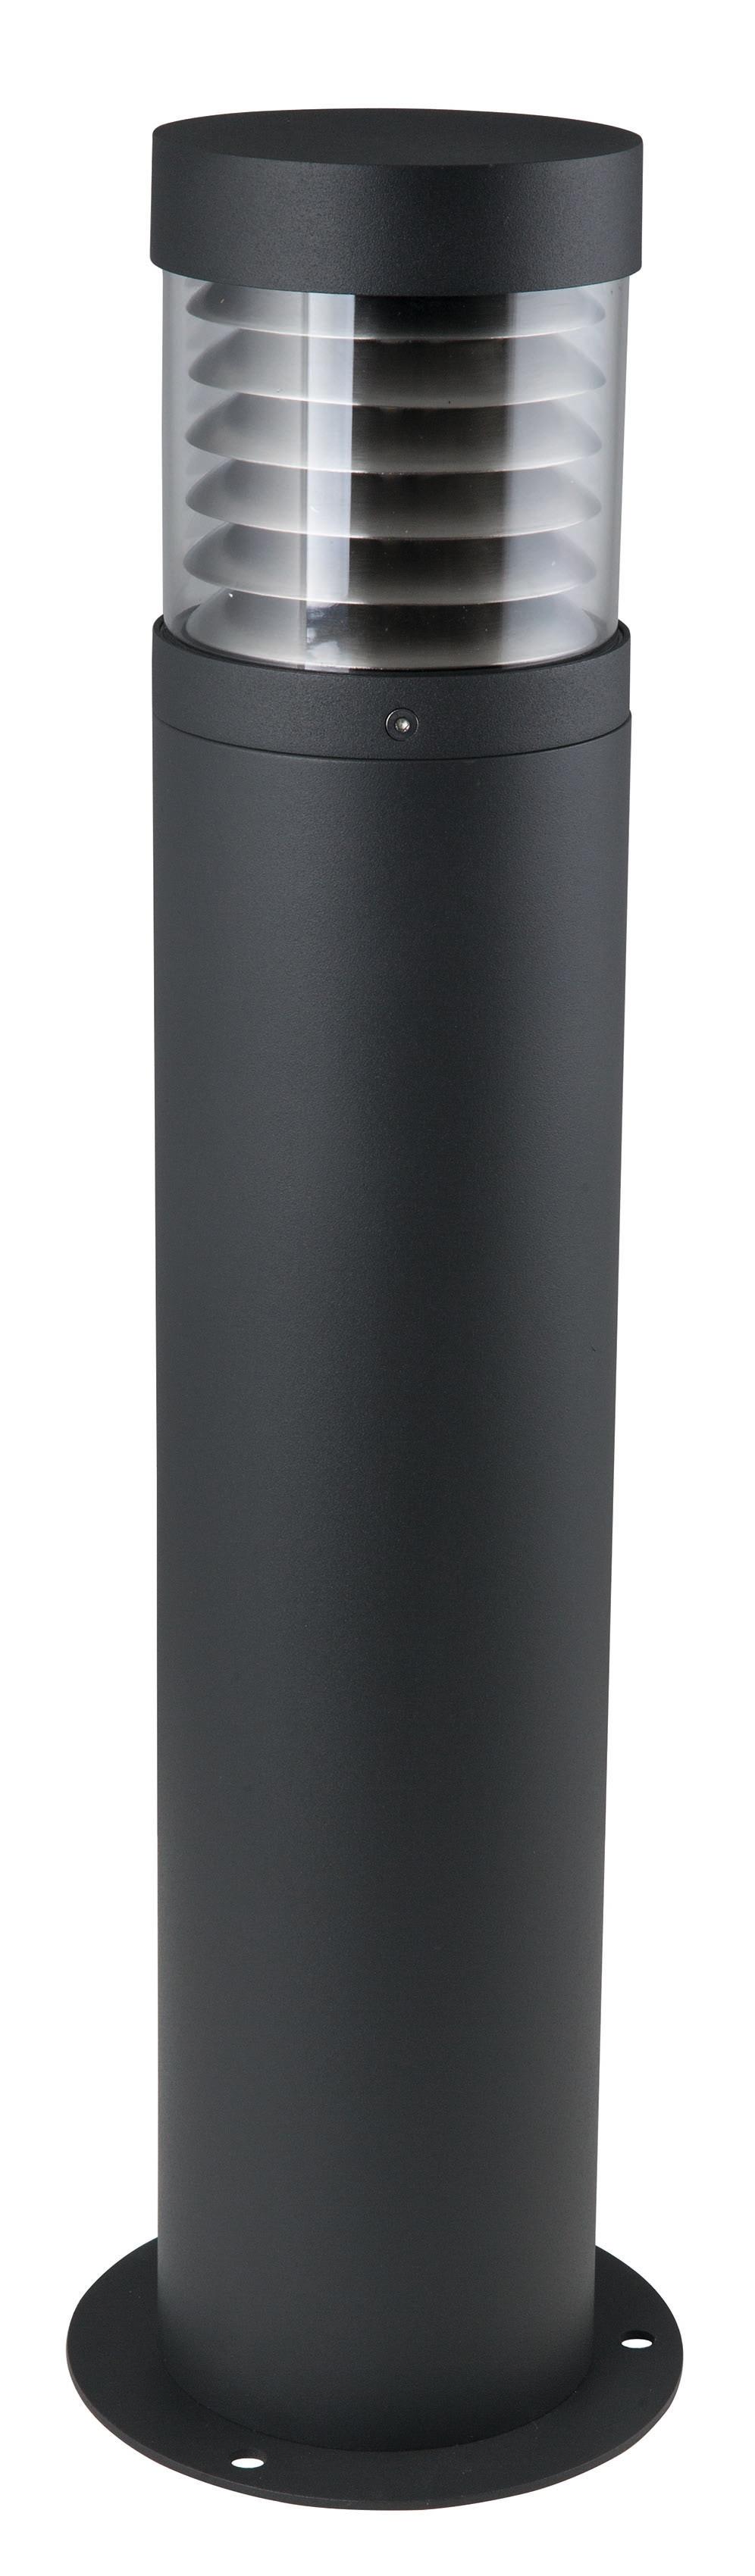 HEITRONIC Sockelleuchte Kresos, E27, 1 St., Klarer 360°-Lichtaustritt, für Leuchtmittel bis max. 40 mm Durchmesser